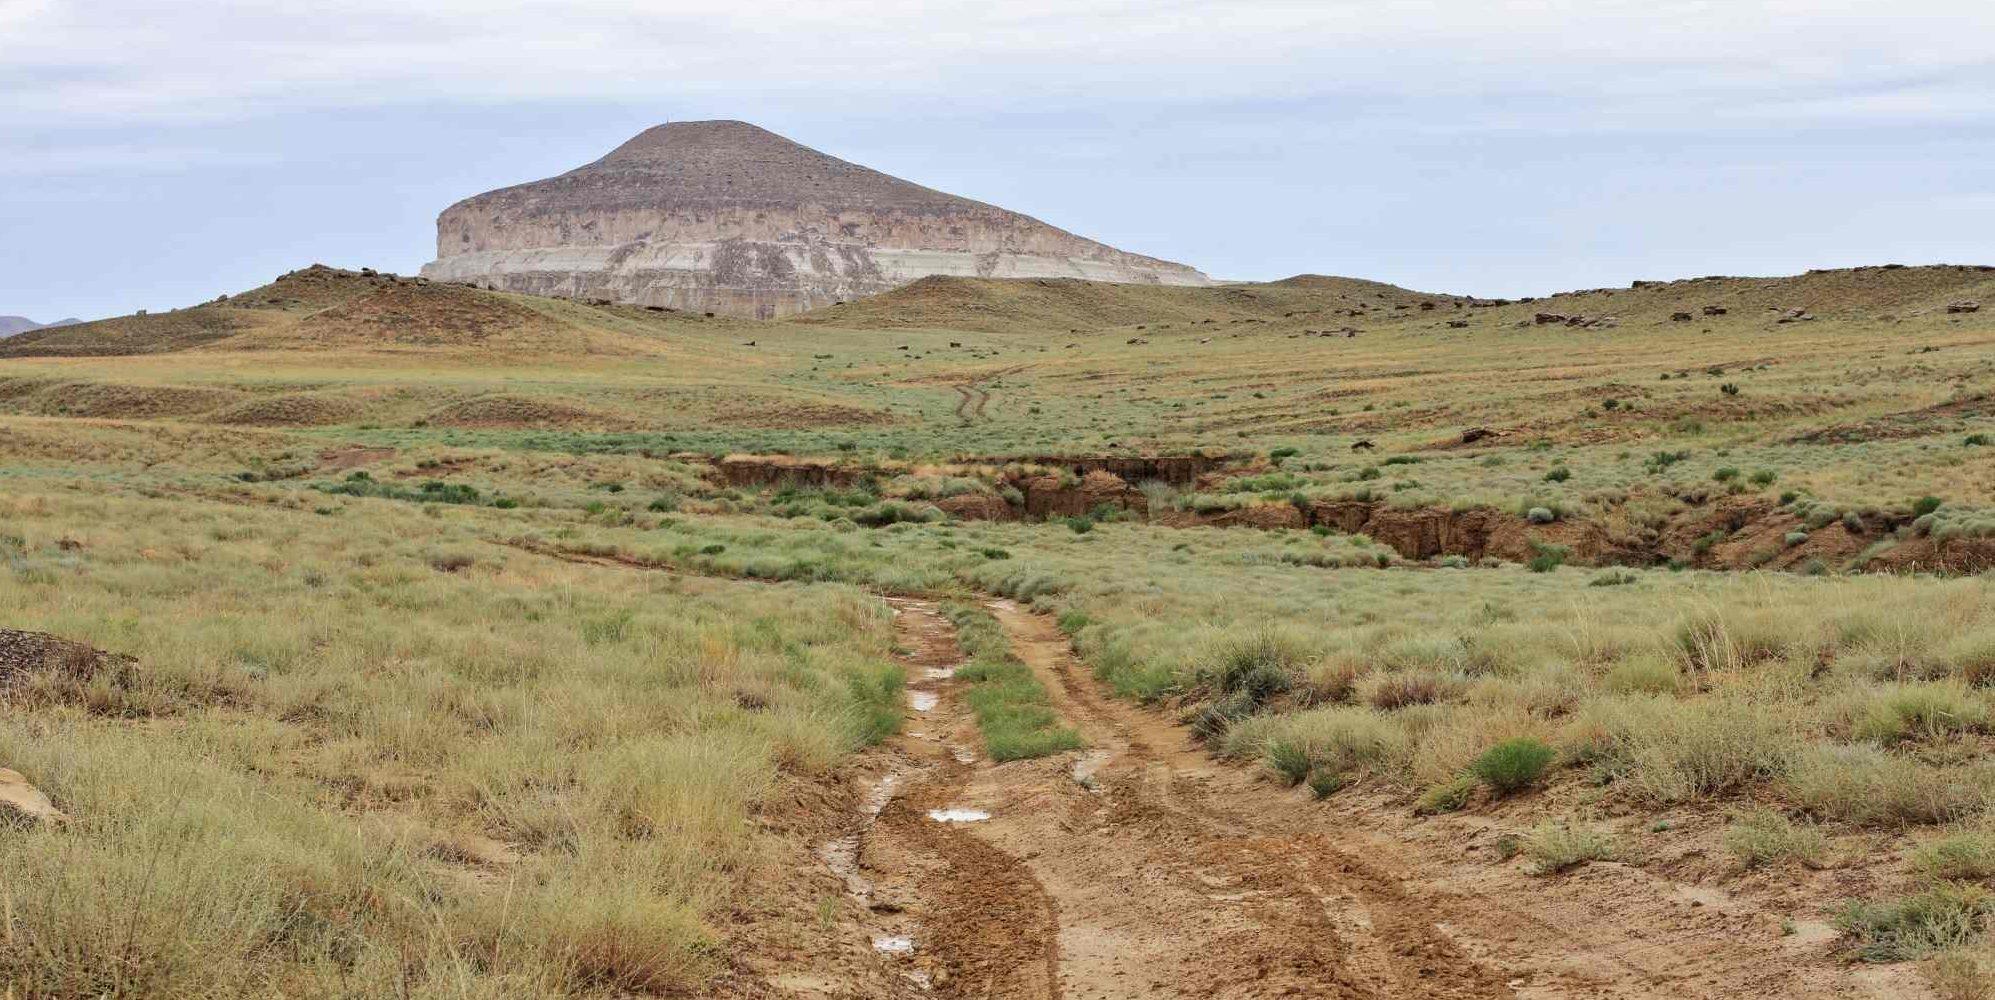 Planiranju kampiranje na sveti gori Sherkala